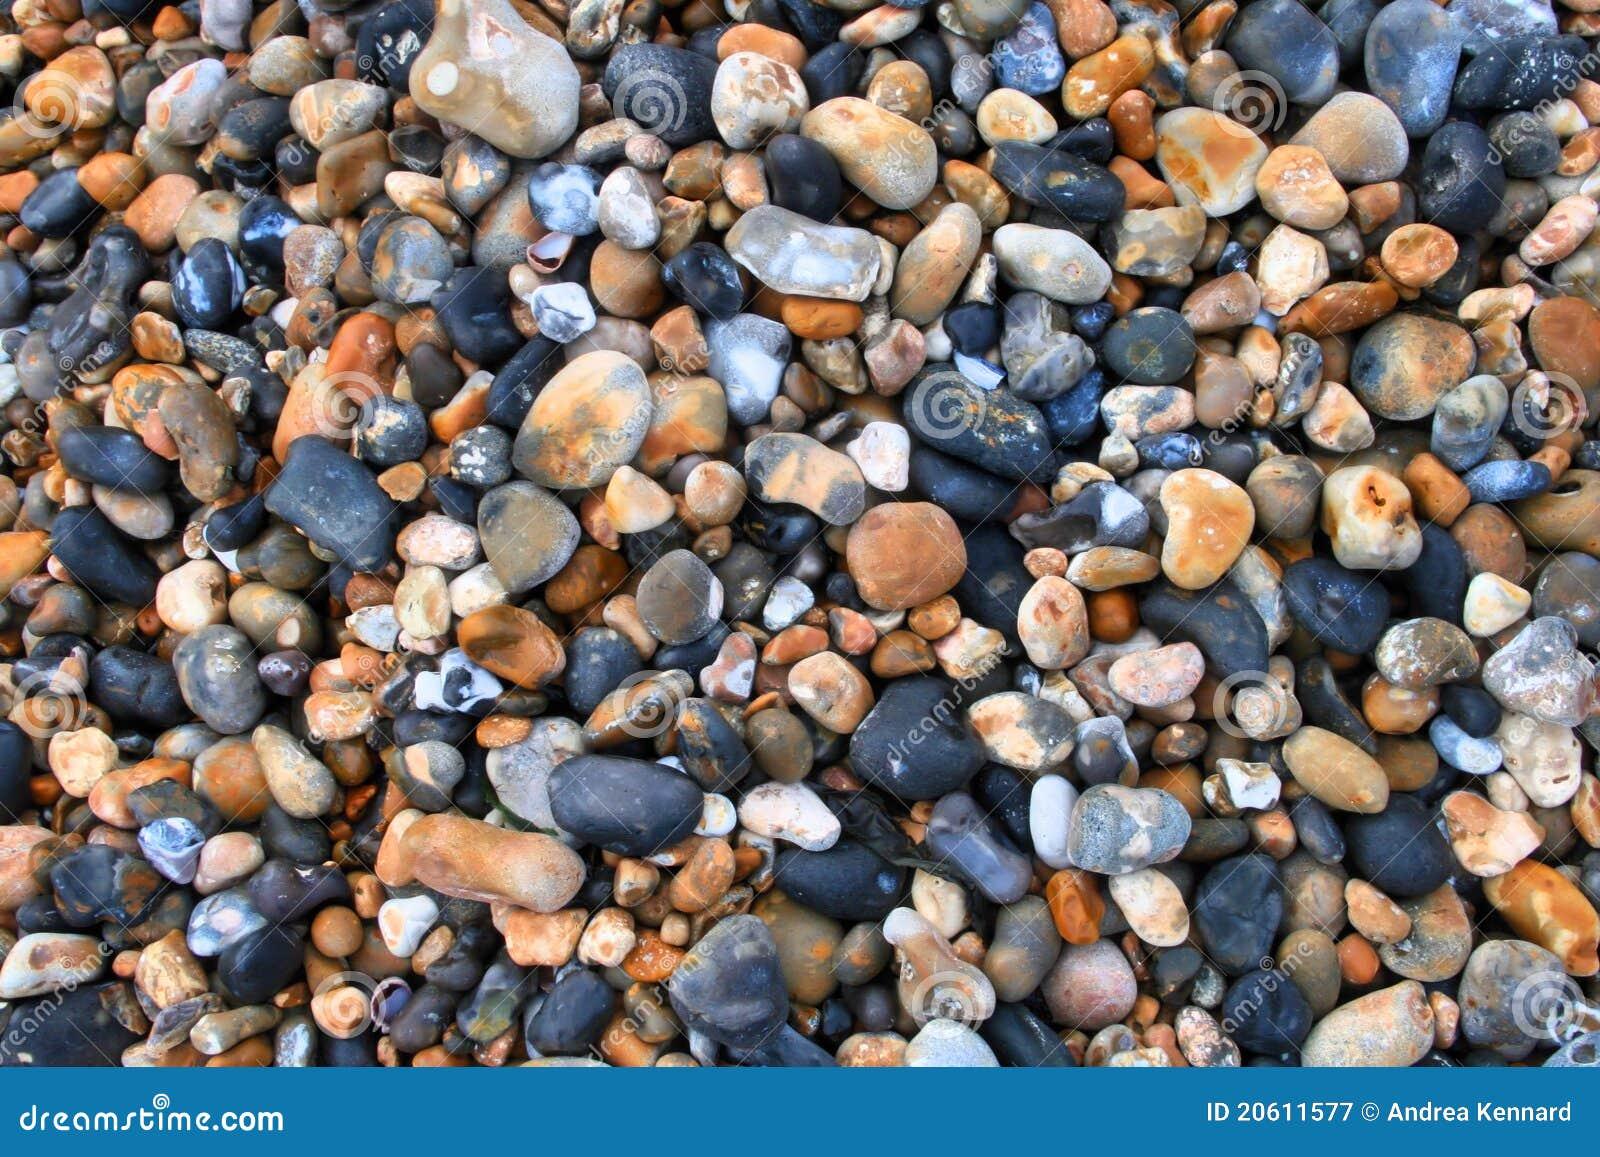 kies kiesel steine hintergrund stockbild bild von strand konkret 20611577. Black Bedroom Furniture Sets. Home Design Ideas